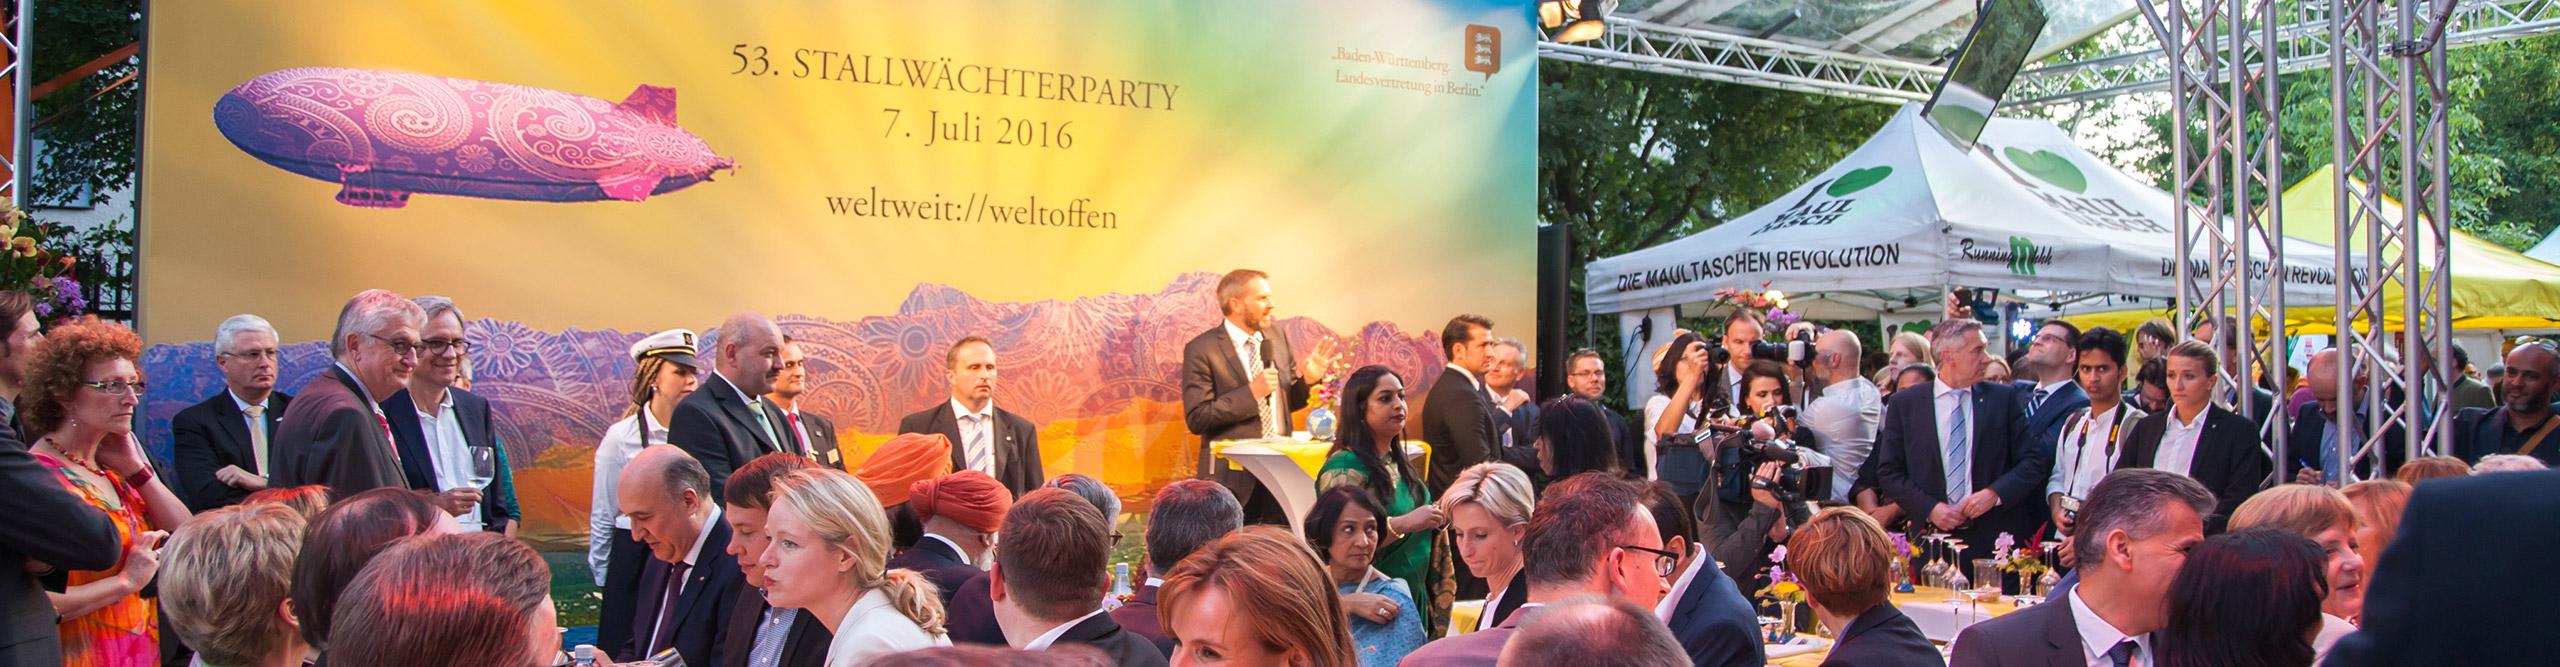 Weltweit, weltoffen – vom Bodensee bis Bollywood